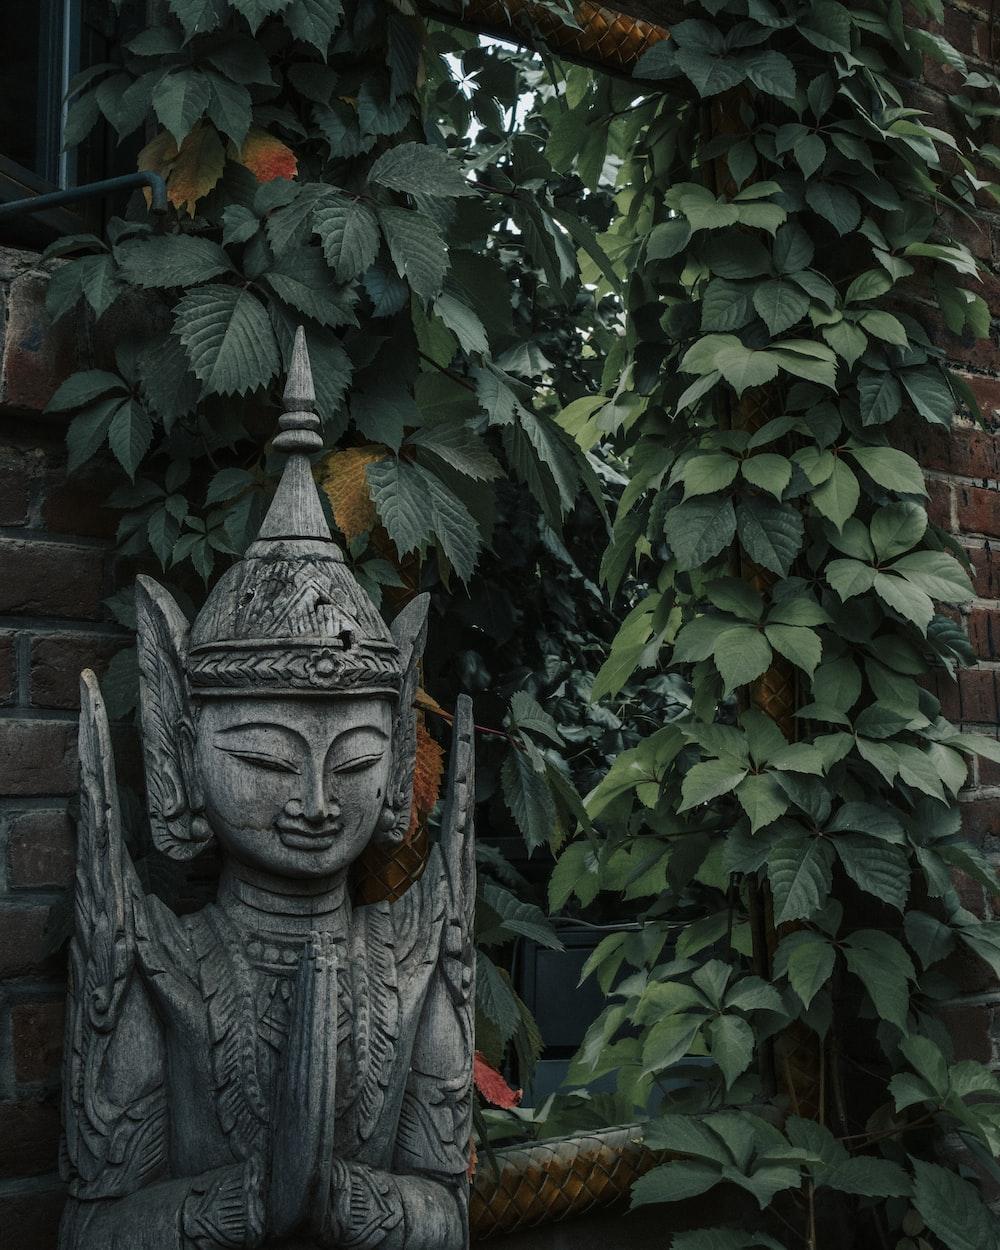 gray concrete statue near green plant